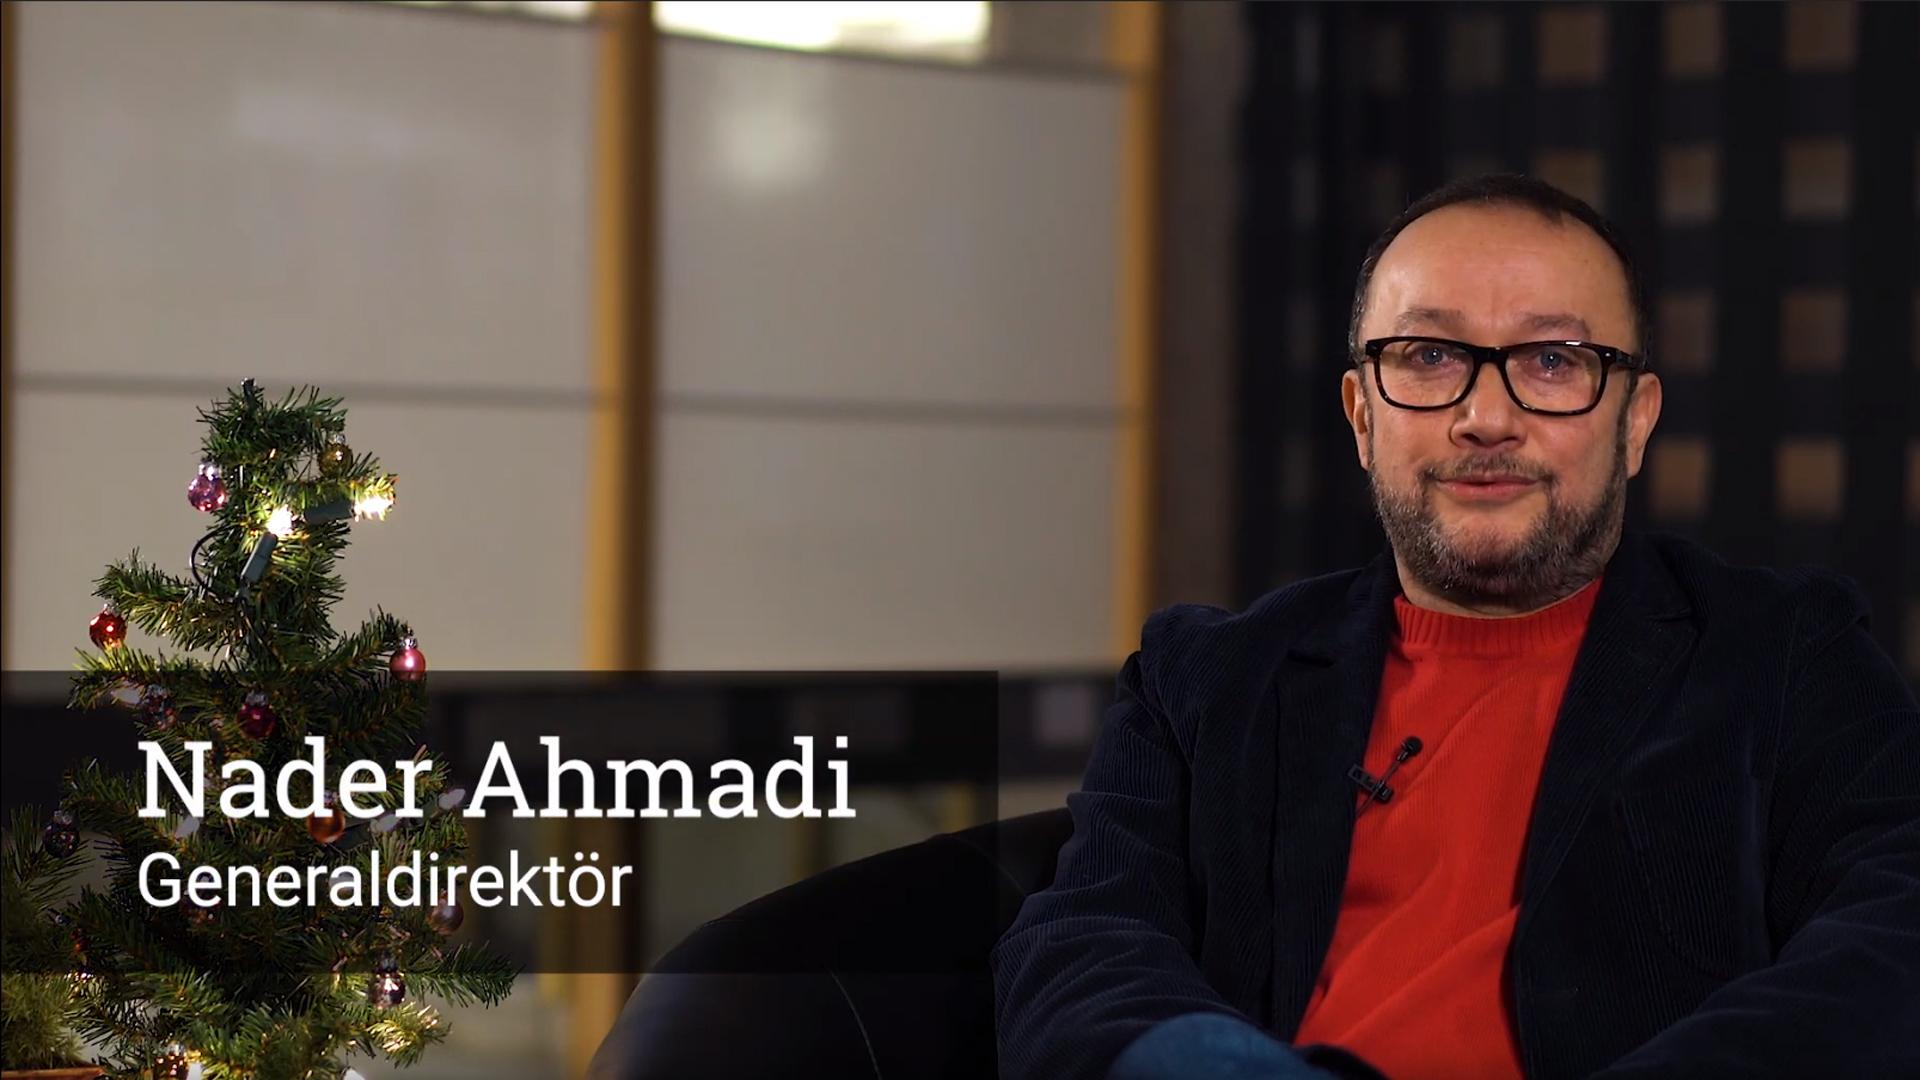 Nader Ahmadi